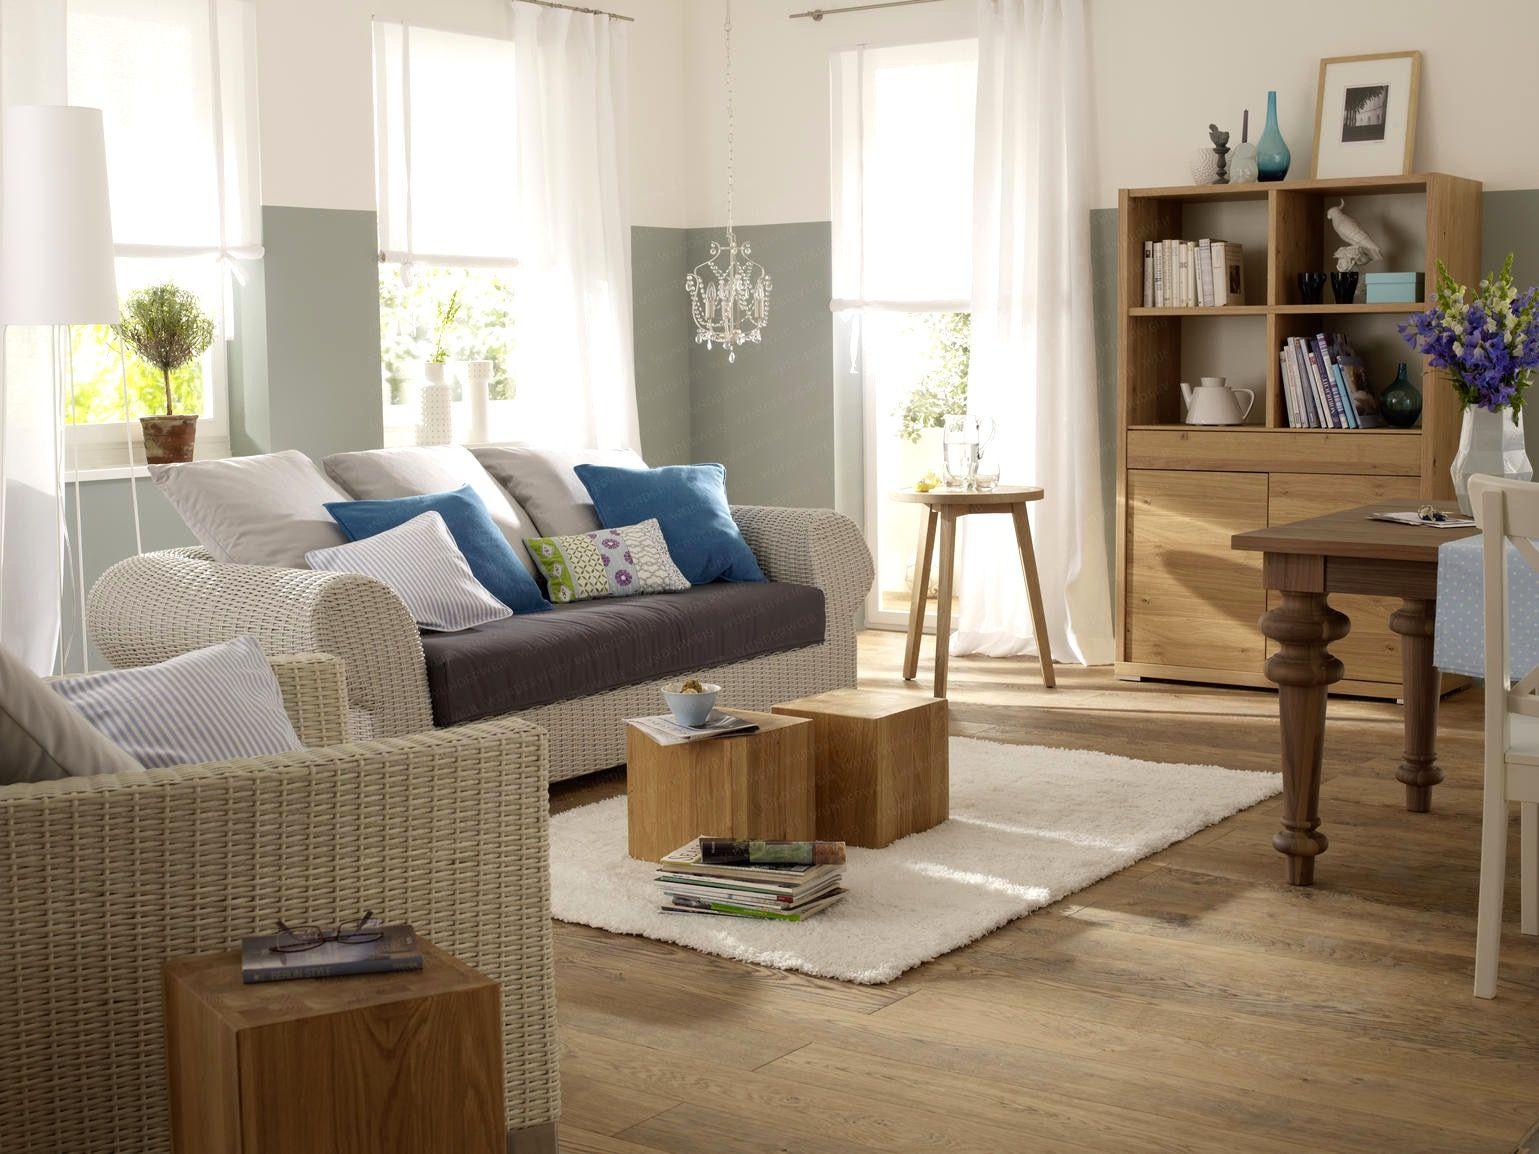 Wohnzimmer Fotos ~ Wohnzimmer nobel ungereit badezimmer neu gestalten house